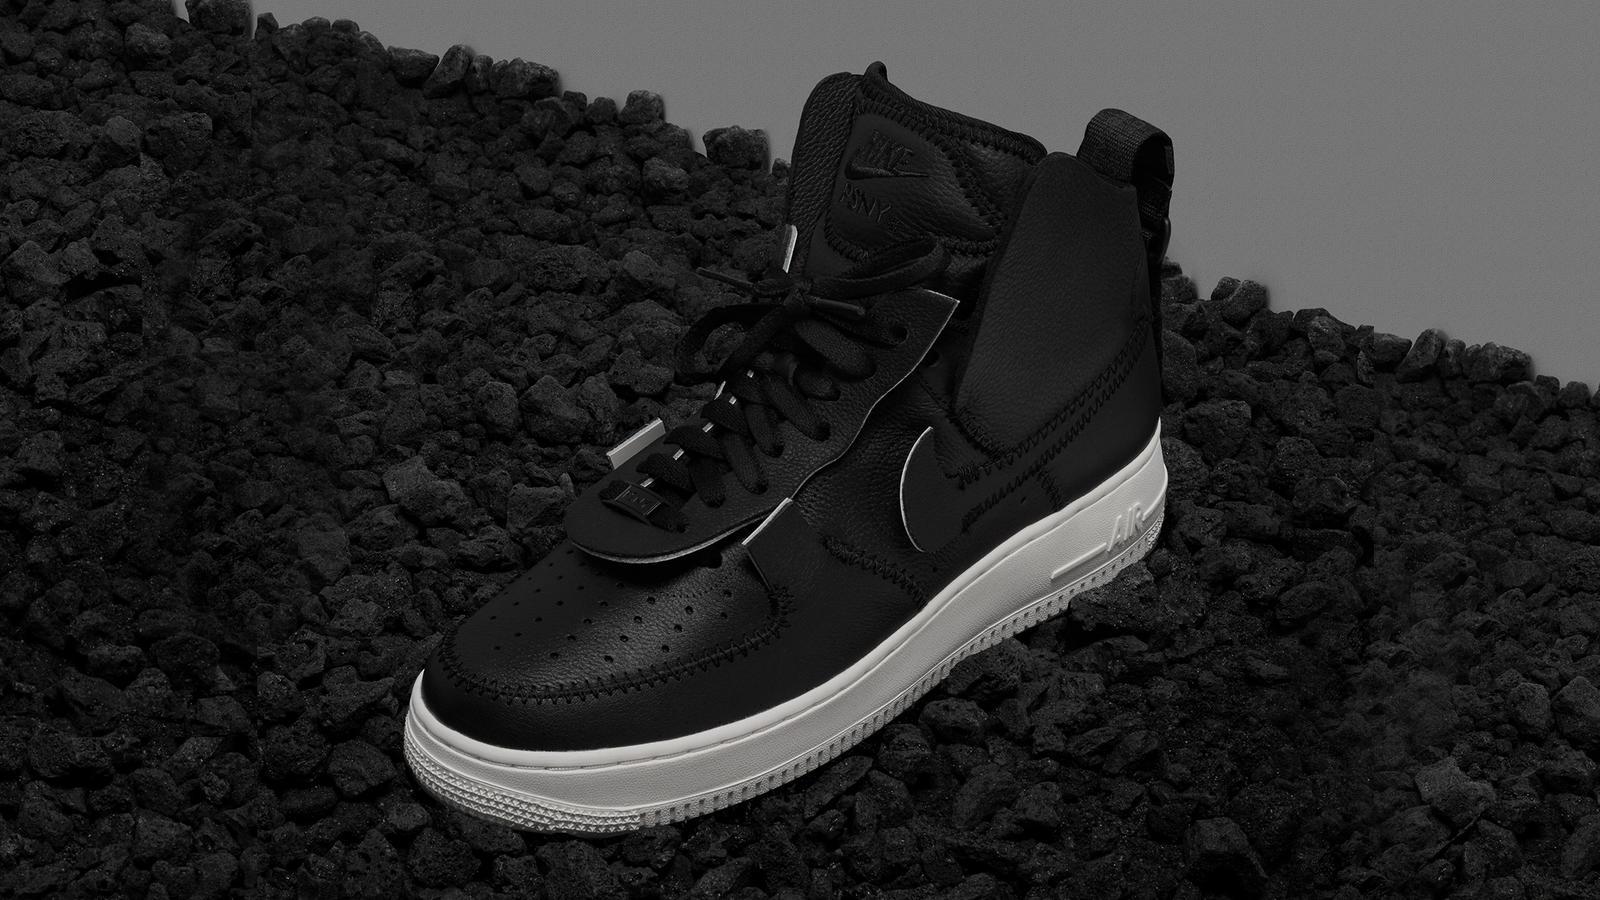 Nike_AF1_x_PSNY_Black_original_hd_1600.jpg